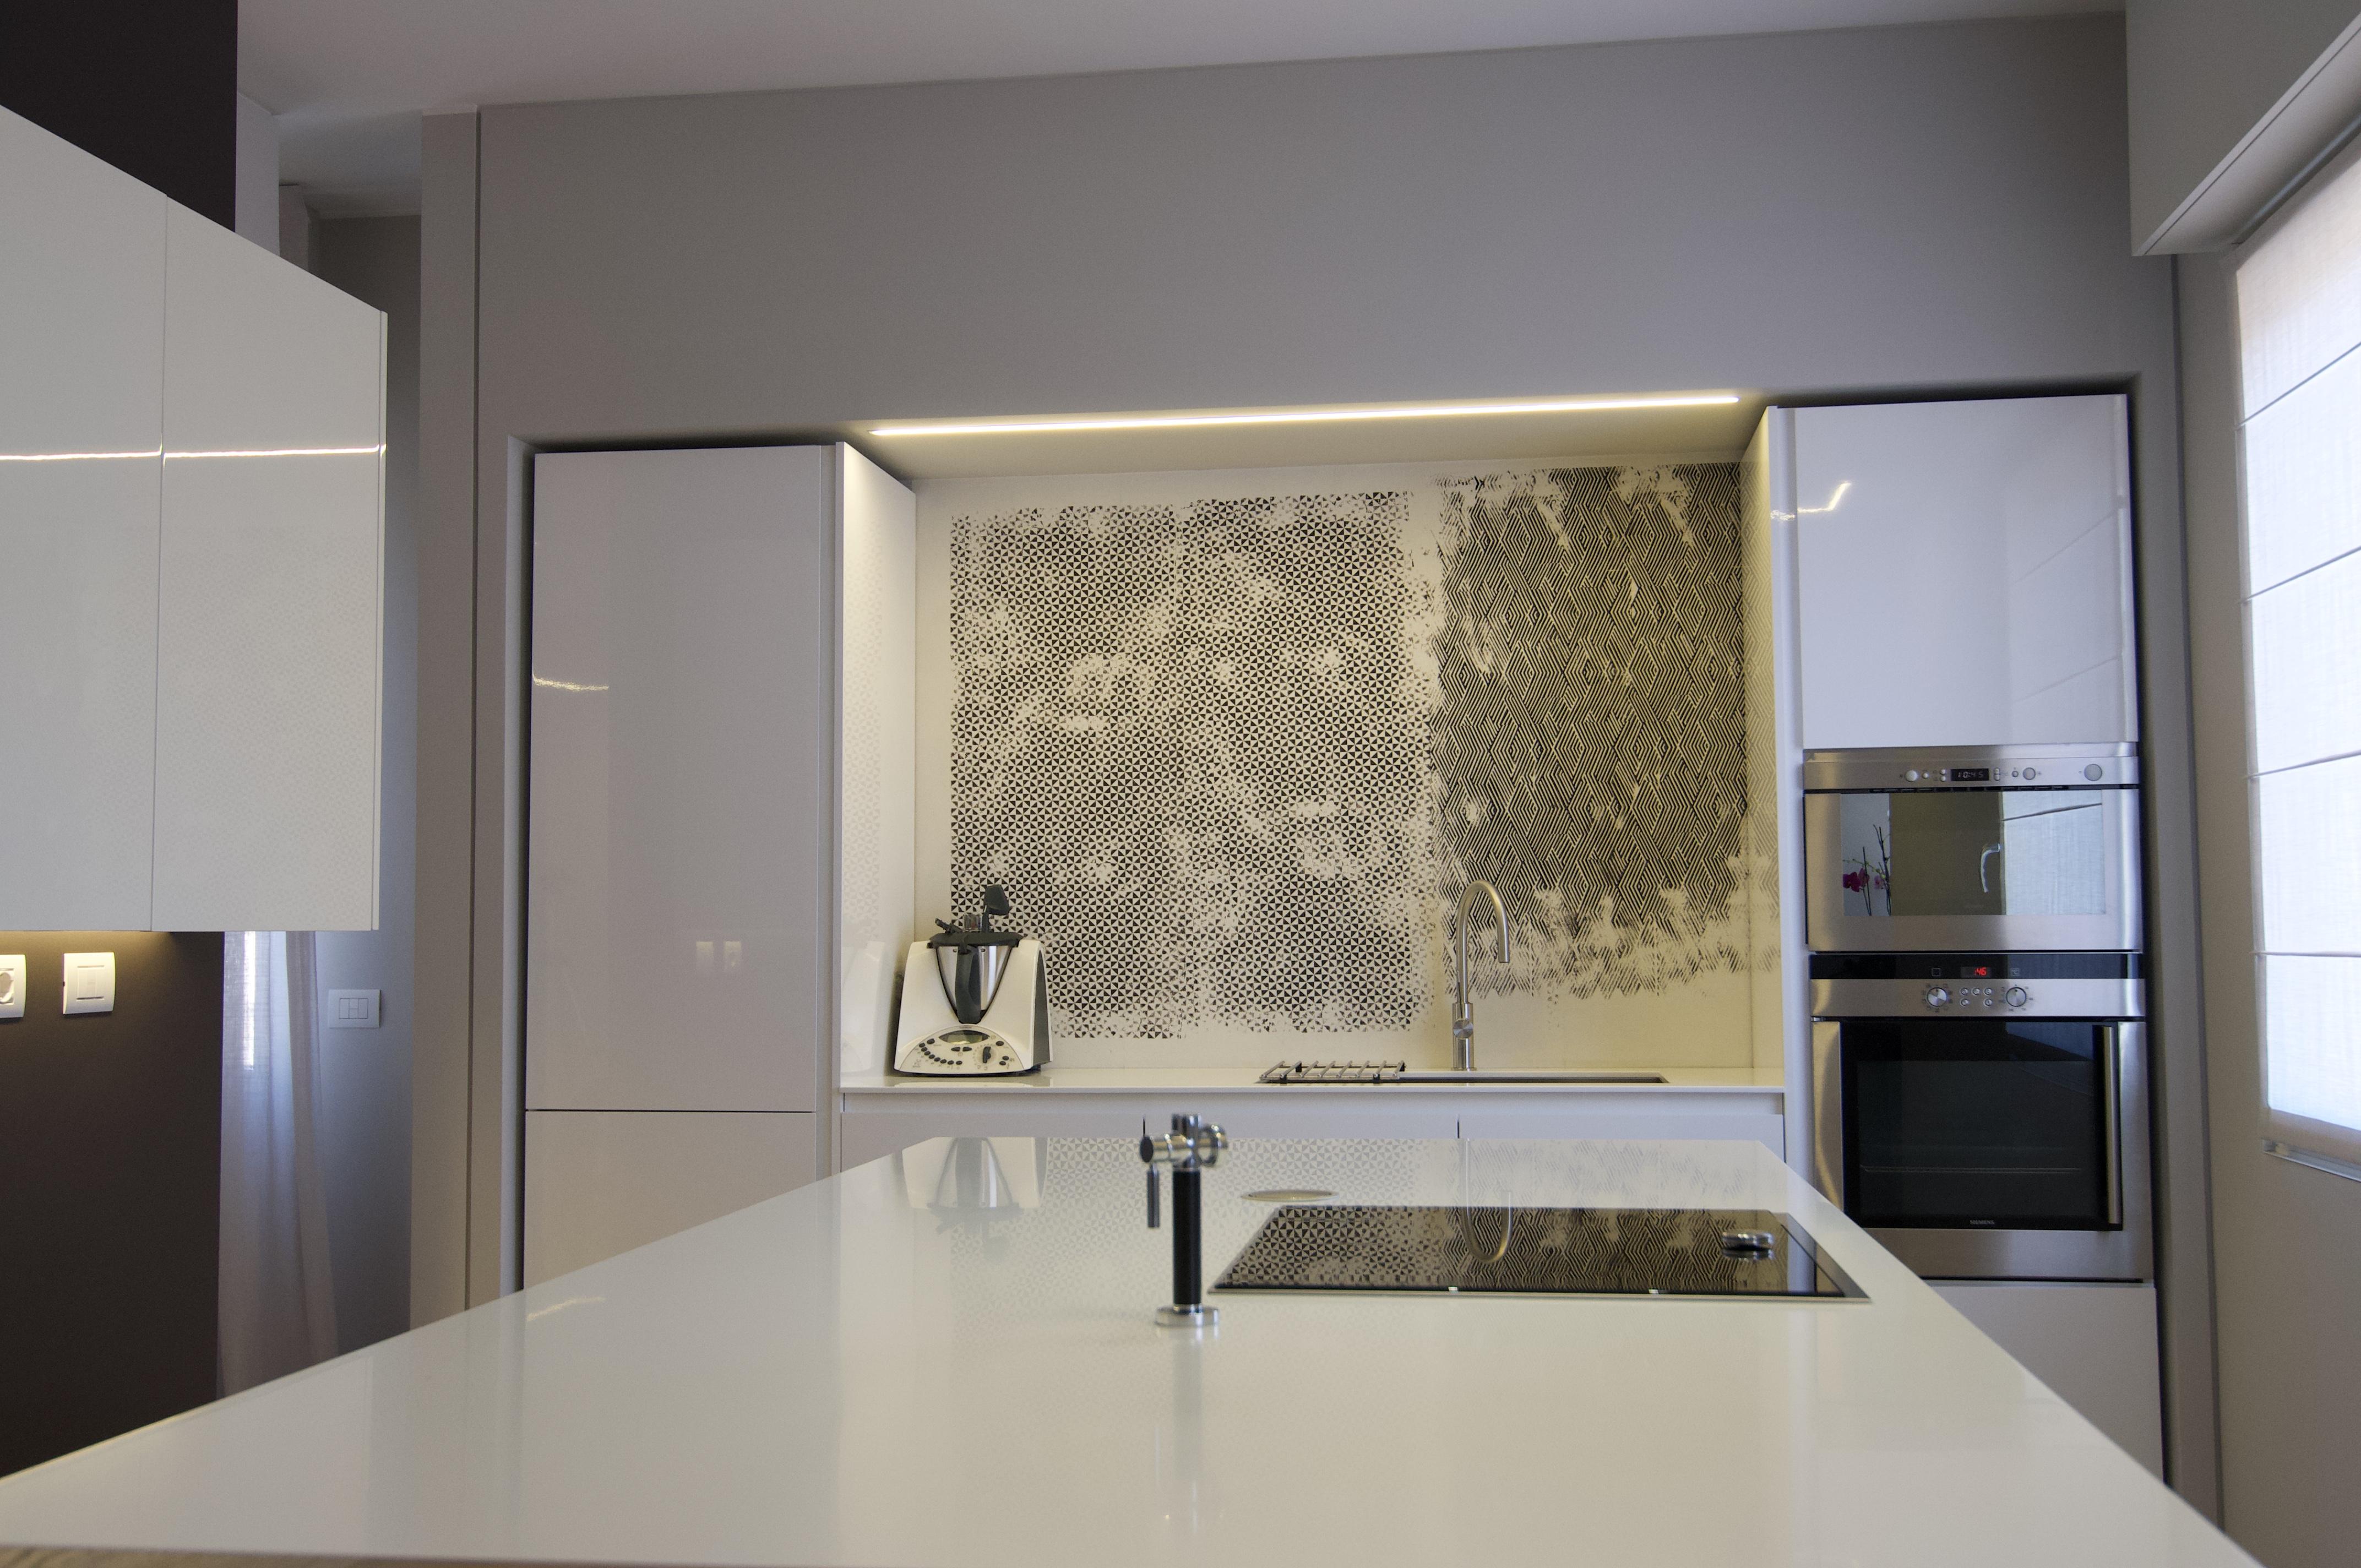 Scegliere la cucina - Archicode by Progetto Positivo ...